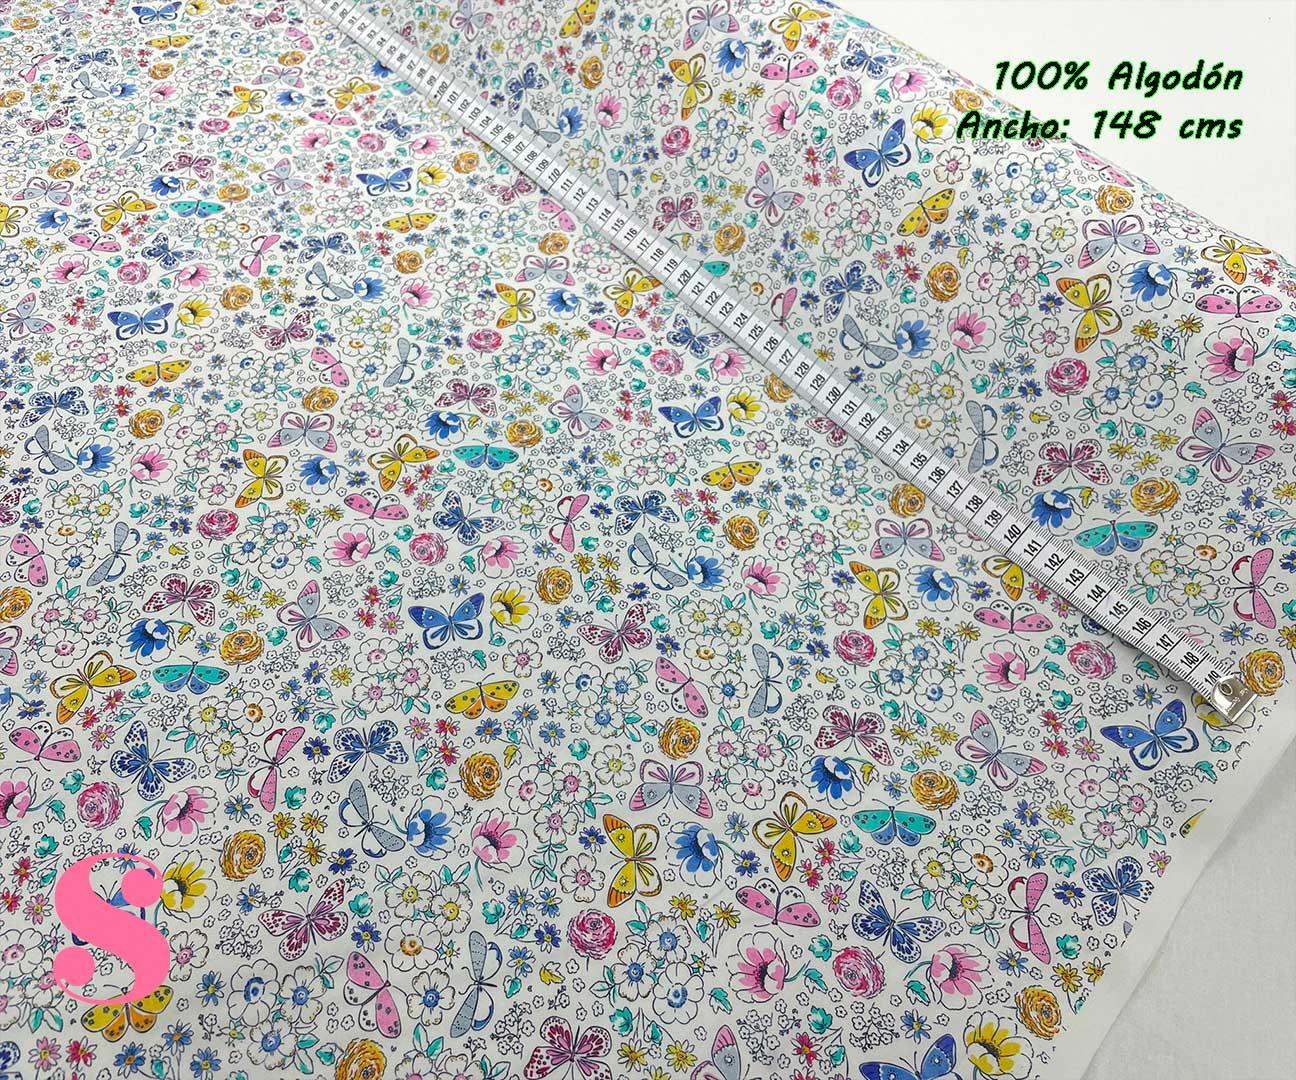 44-telas-estampadas-de-algodón,-telas-frikis,estampados-frikis-de-algodón,-estampados-origonales-de-algodón,Tejido Estampado Mariposas y Flores